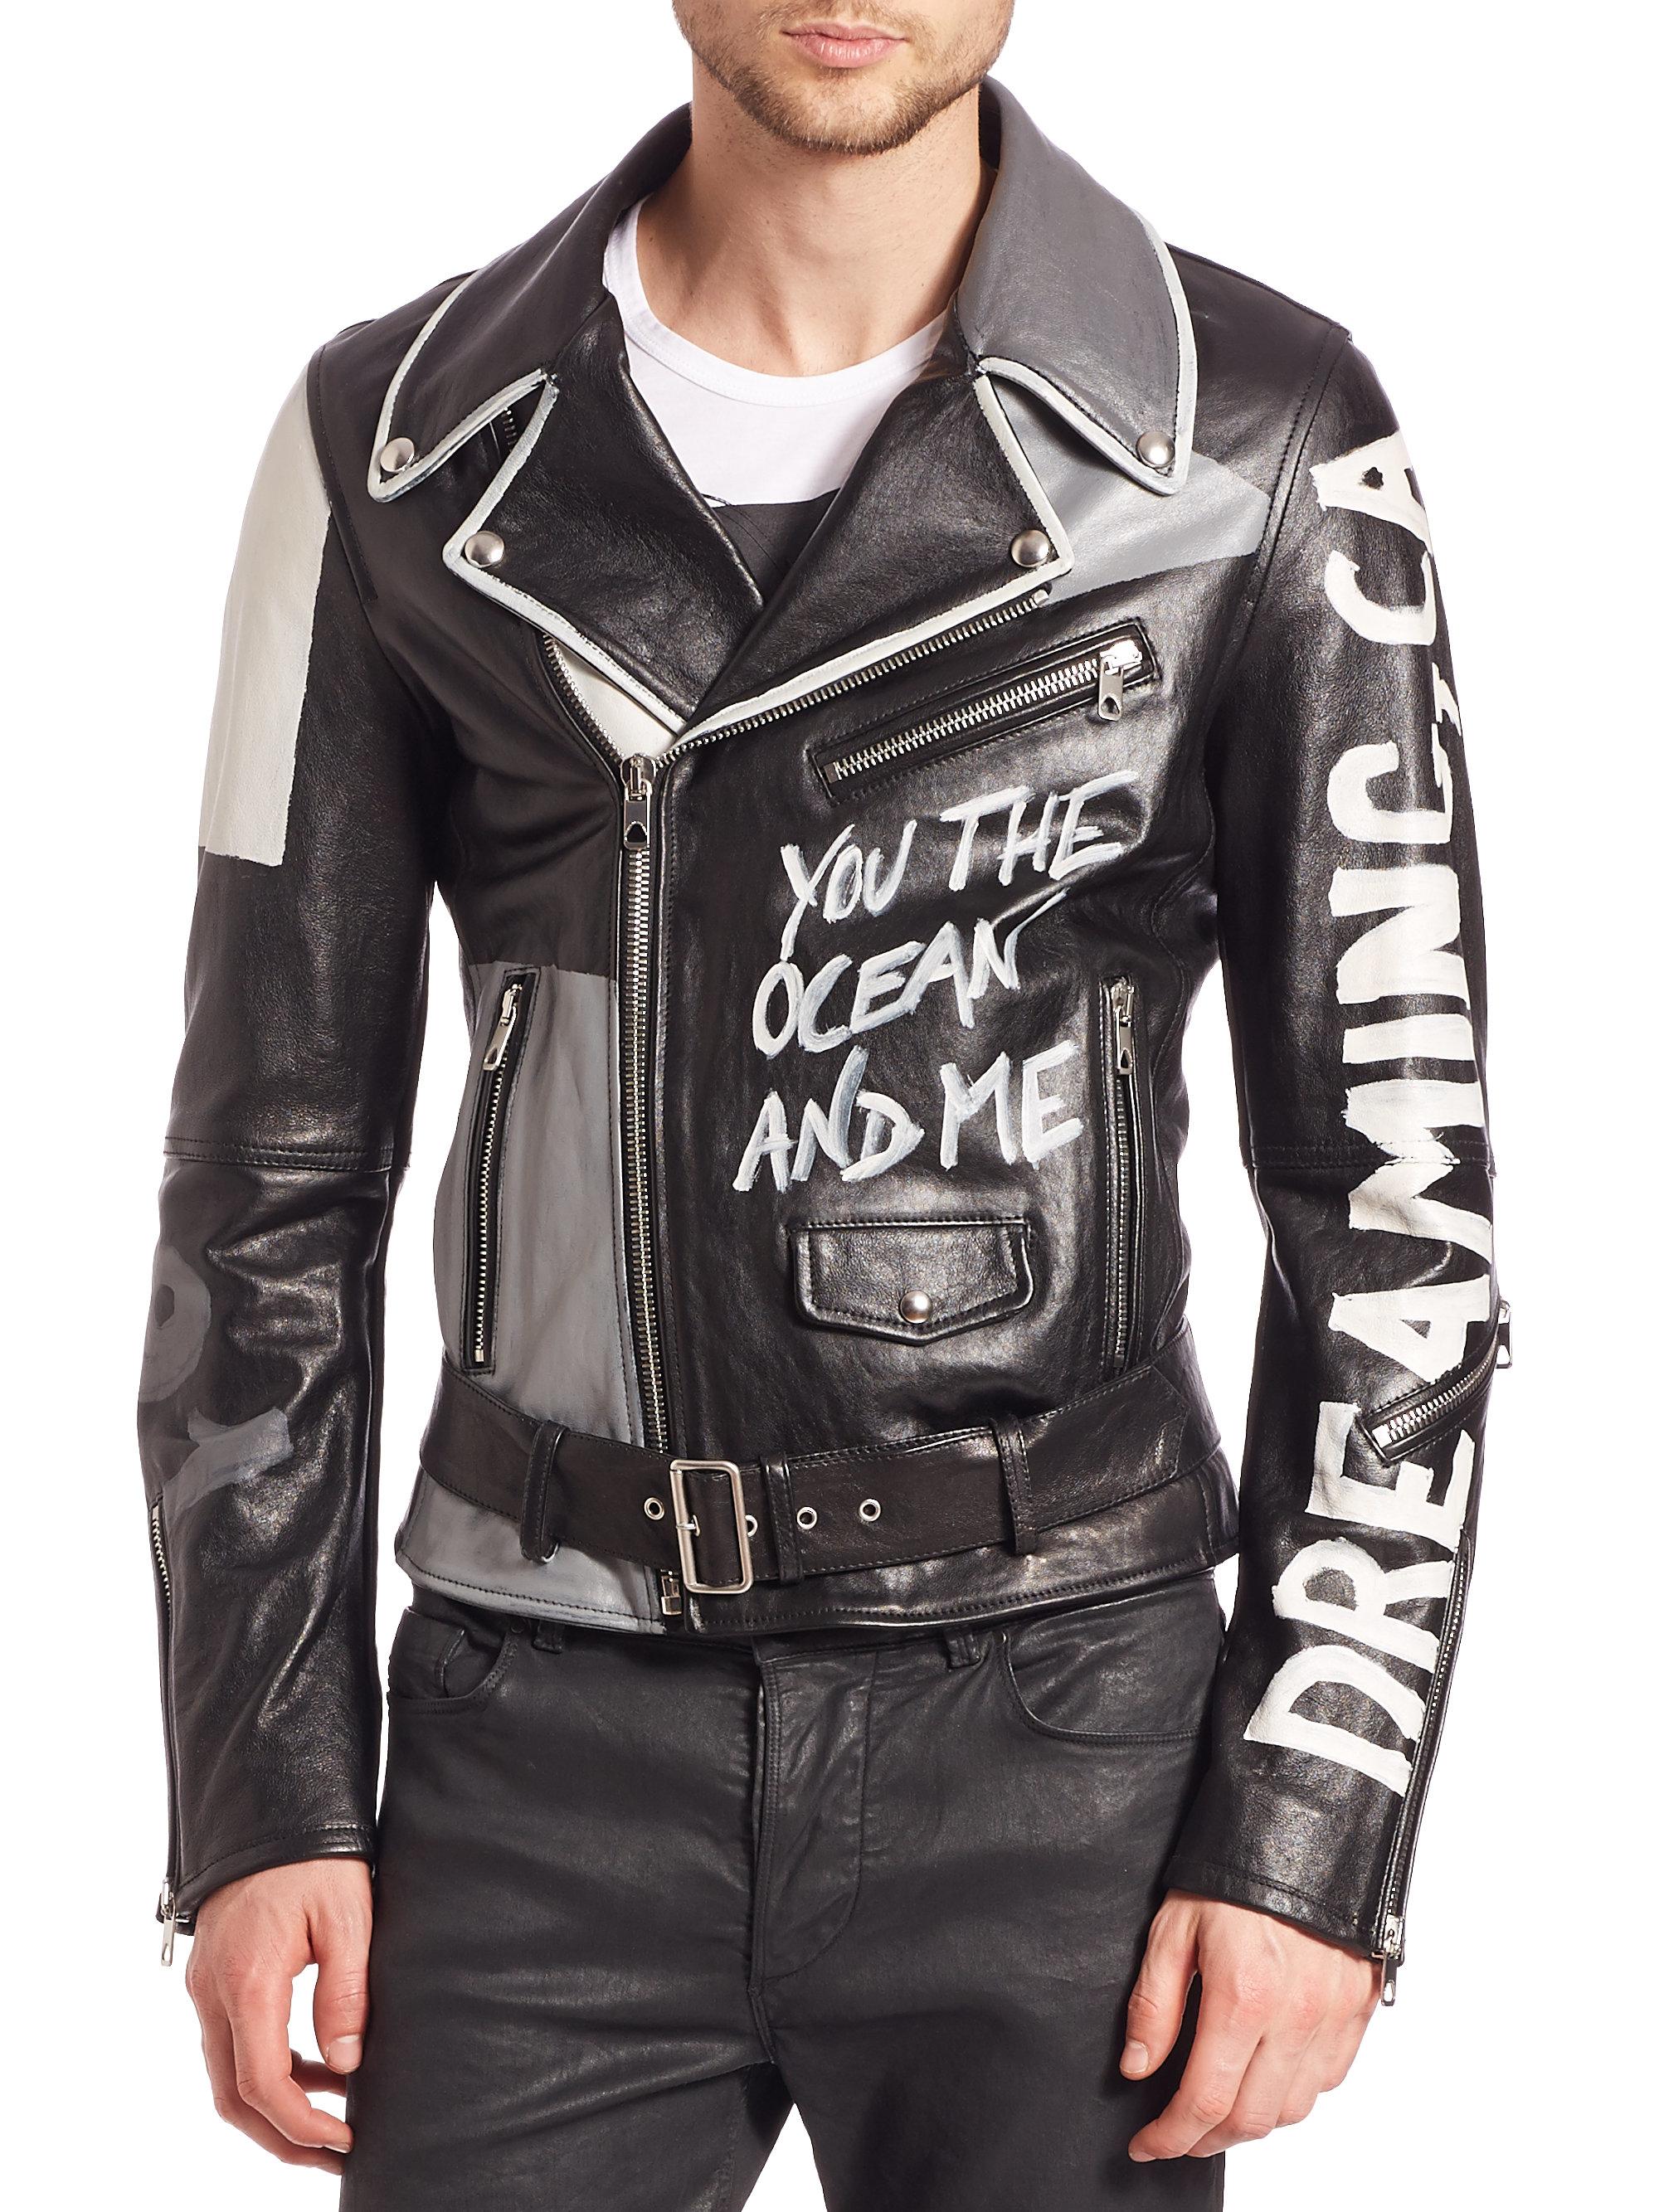 kup sprzedaż sprawdzić złapać Graffiti-print Leather Jacket